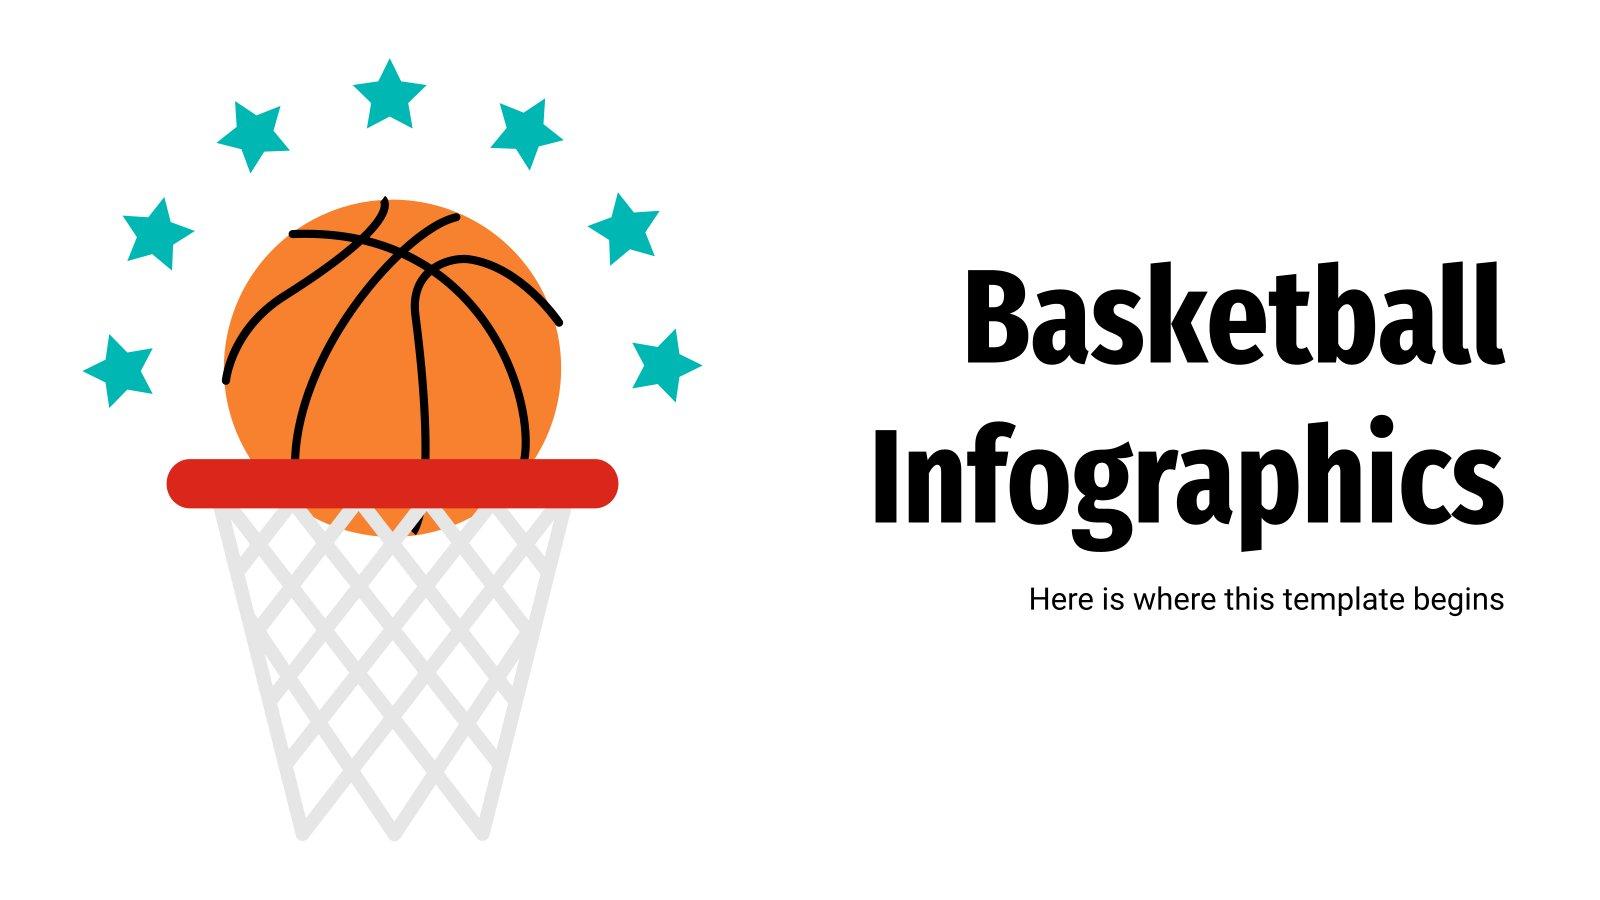 Modelo de apresentação Infográficos de basquetebol